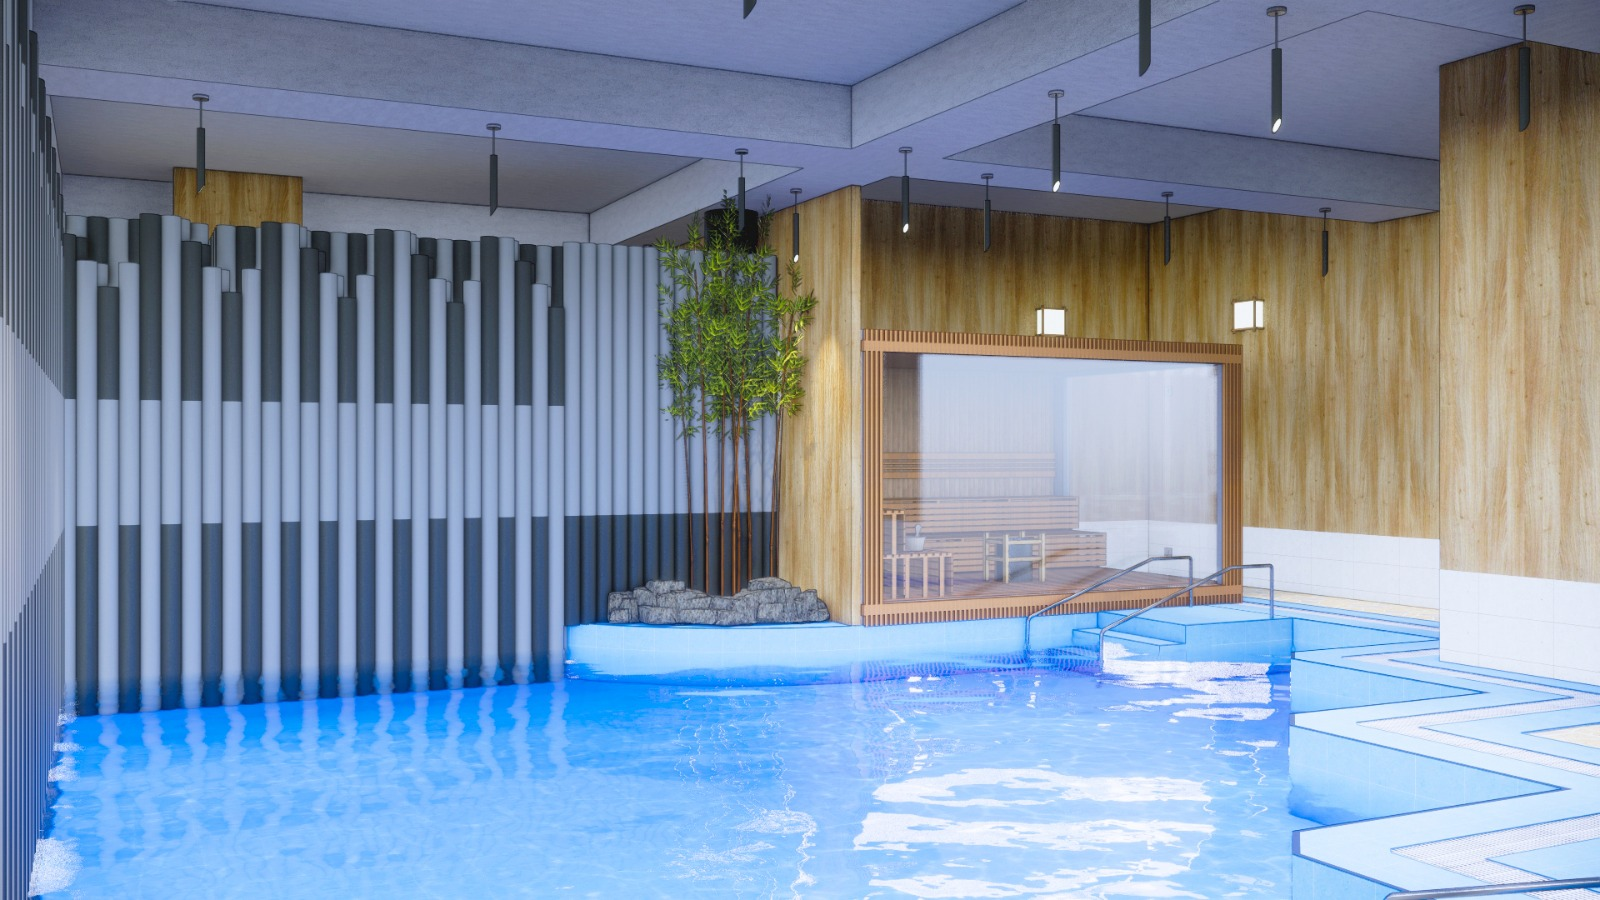 joya onsen cafe - baths